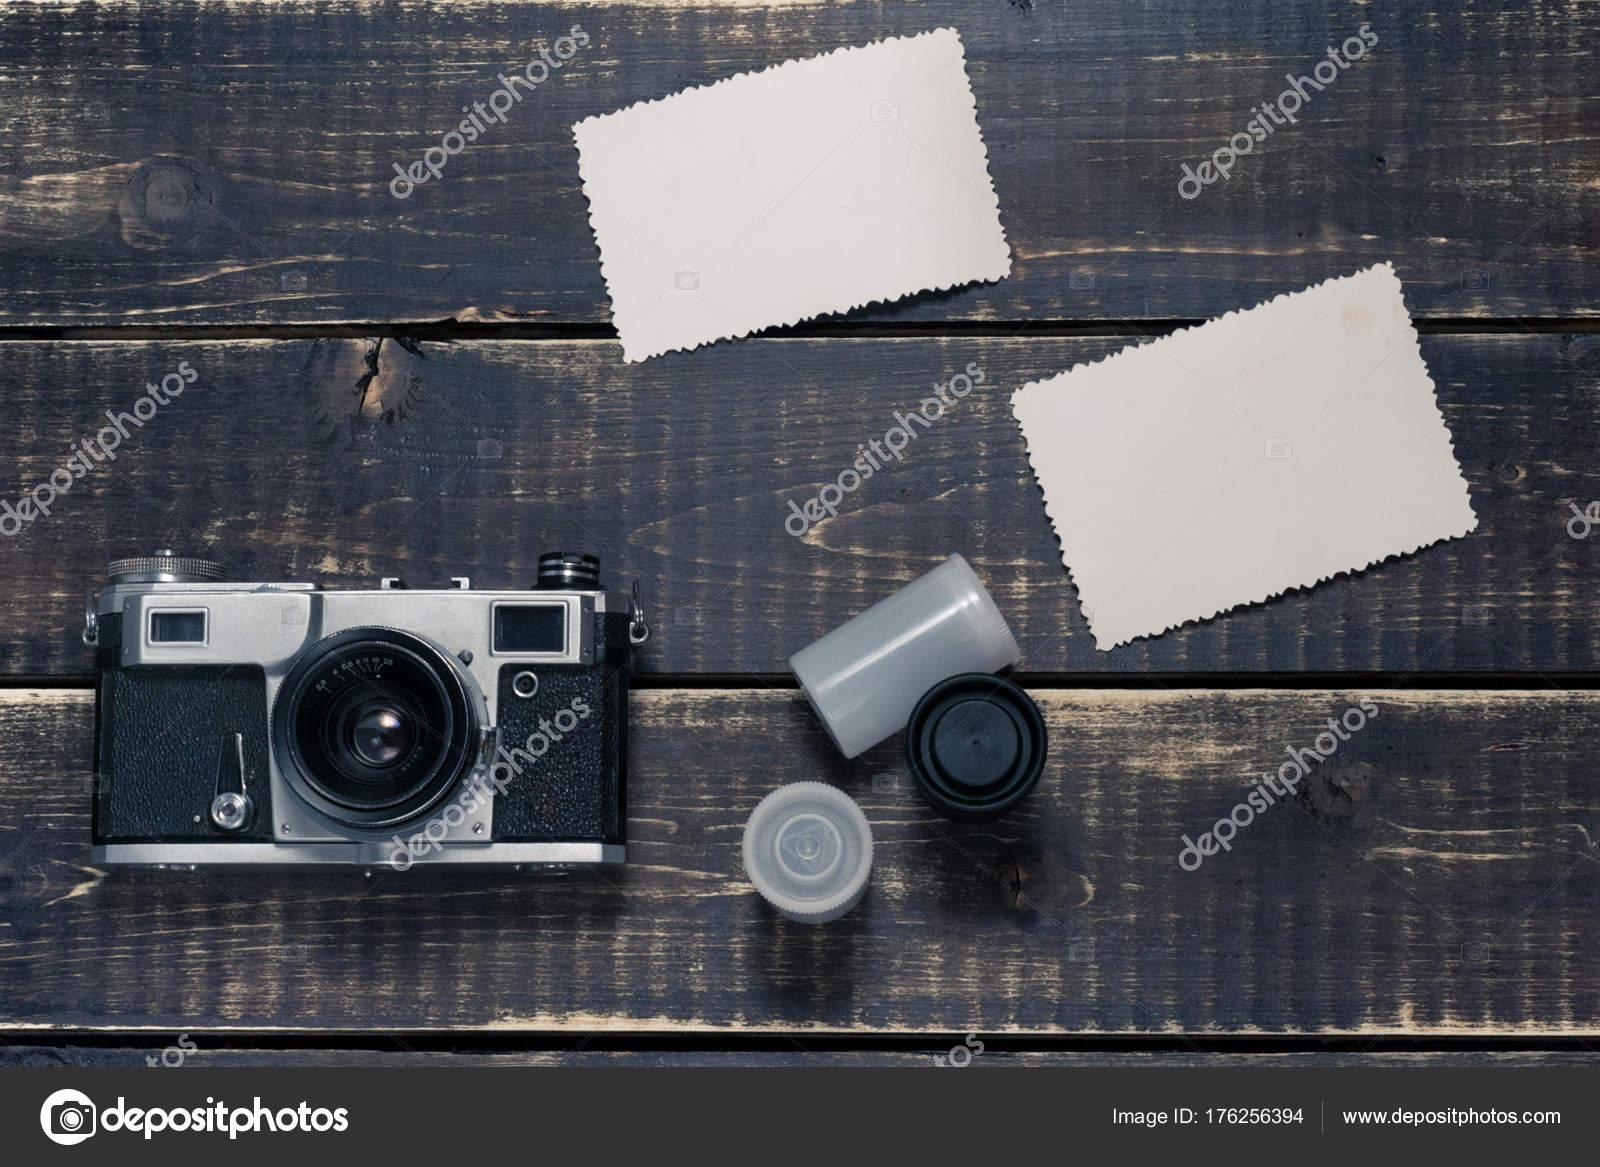 Alten entfernungsmesser vintage und retro fotokamera mit vintage